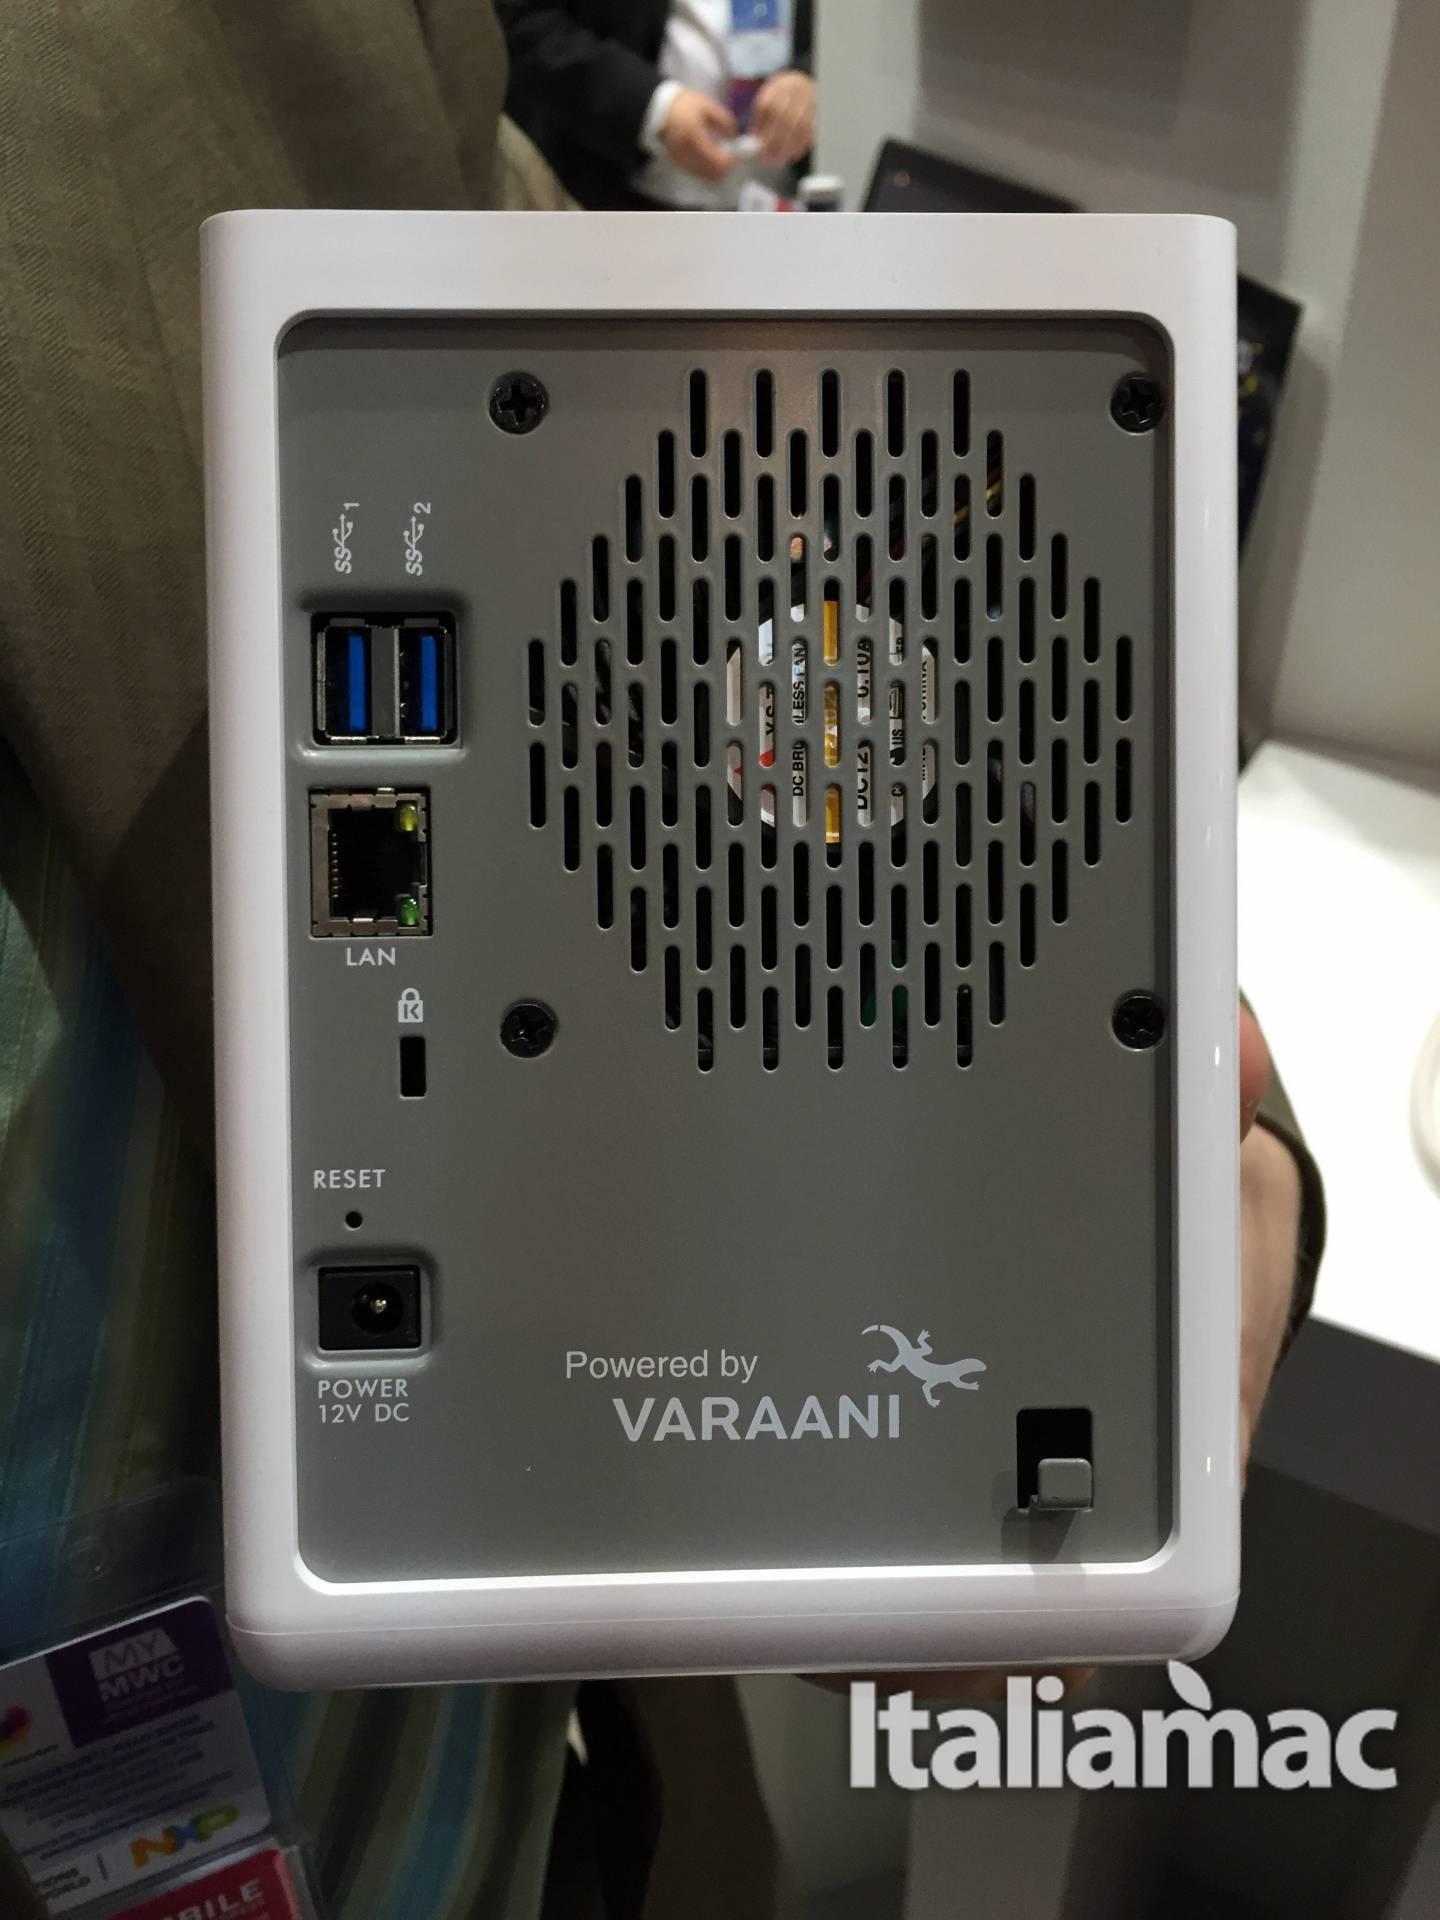 varaani usb 3.0 Varaani il Cloud Hub per la casa presentato al Mobile World Congress